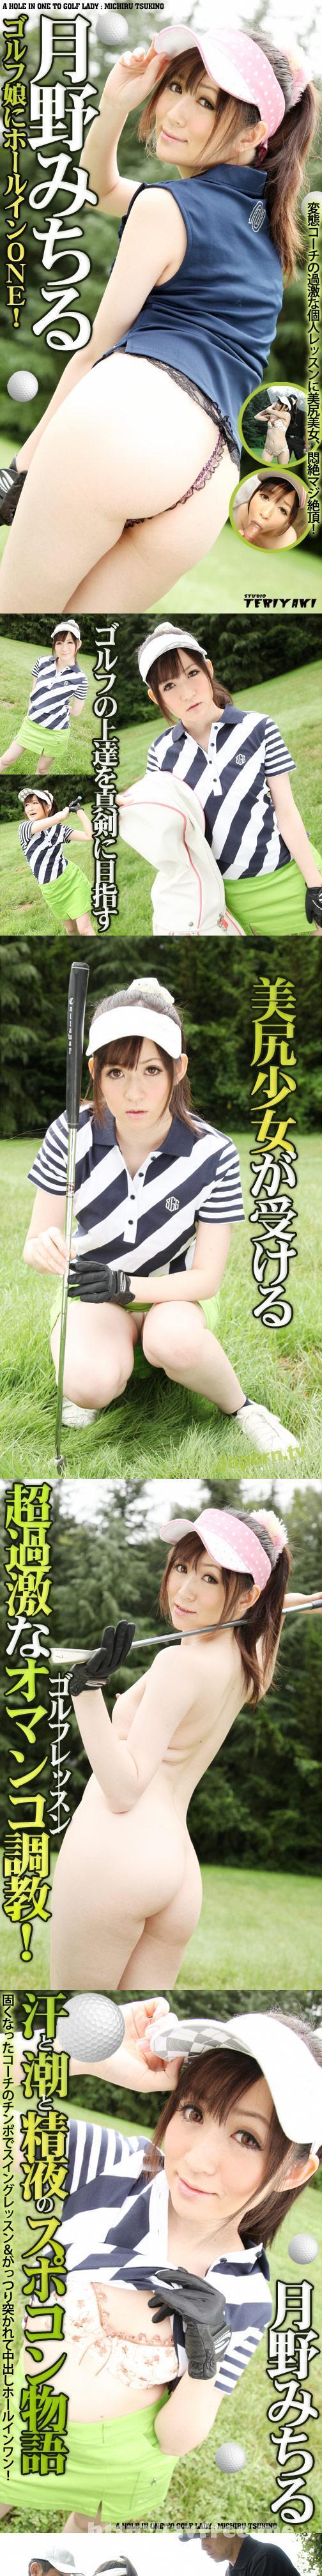 [BT-91] ゴルフ娘にホールインONE : 月野みちる - image BT-91_1 on https://javfree.me